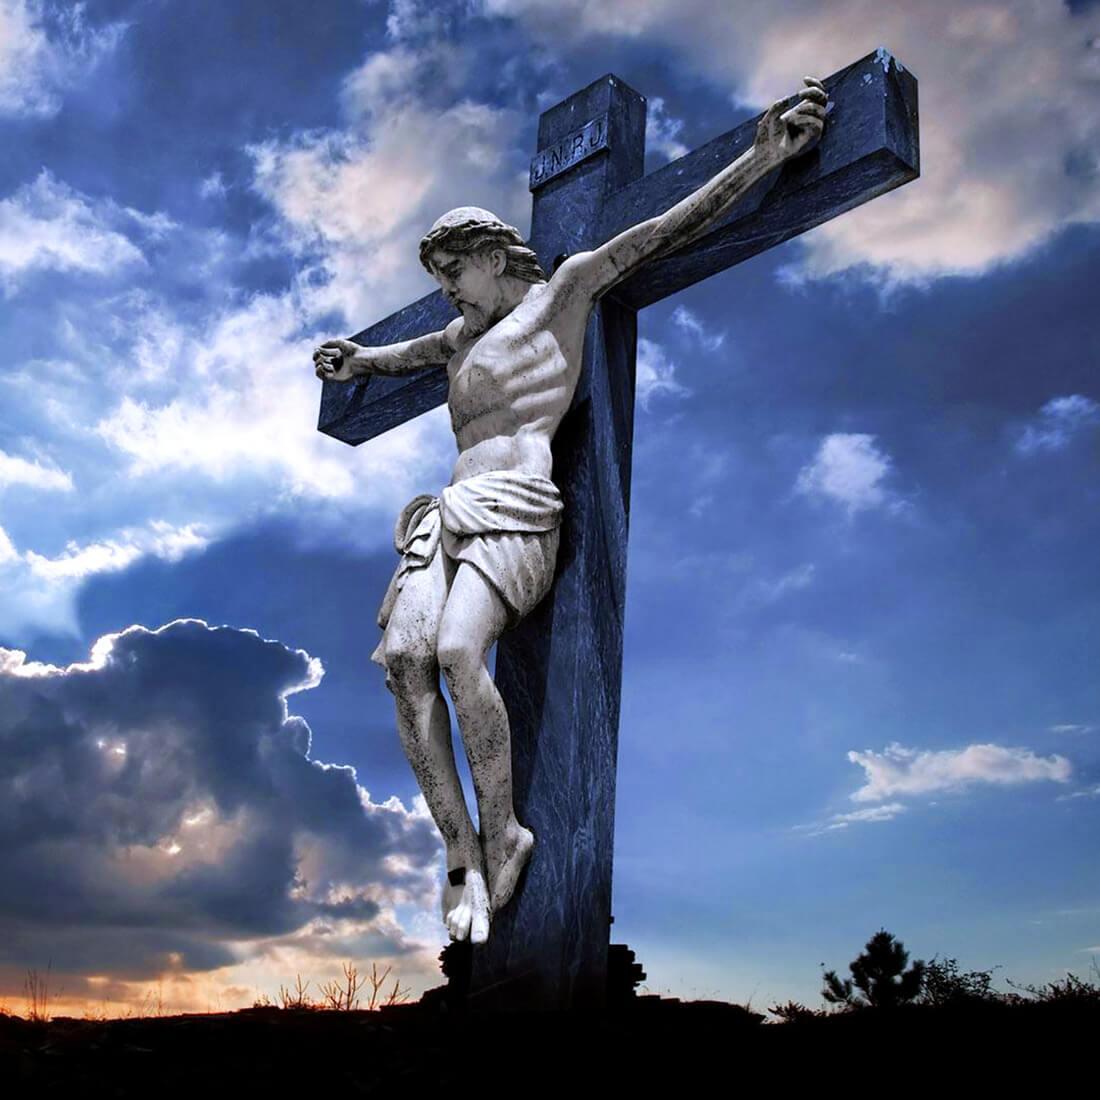 صورة صور دينيه مسيحيه , اجمل الصور المعبرة عن المسيحية 6396 3